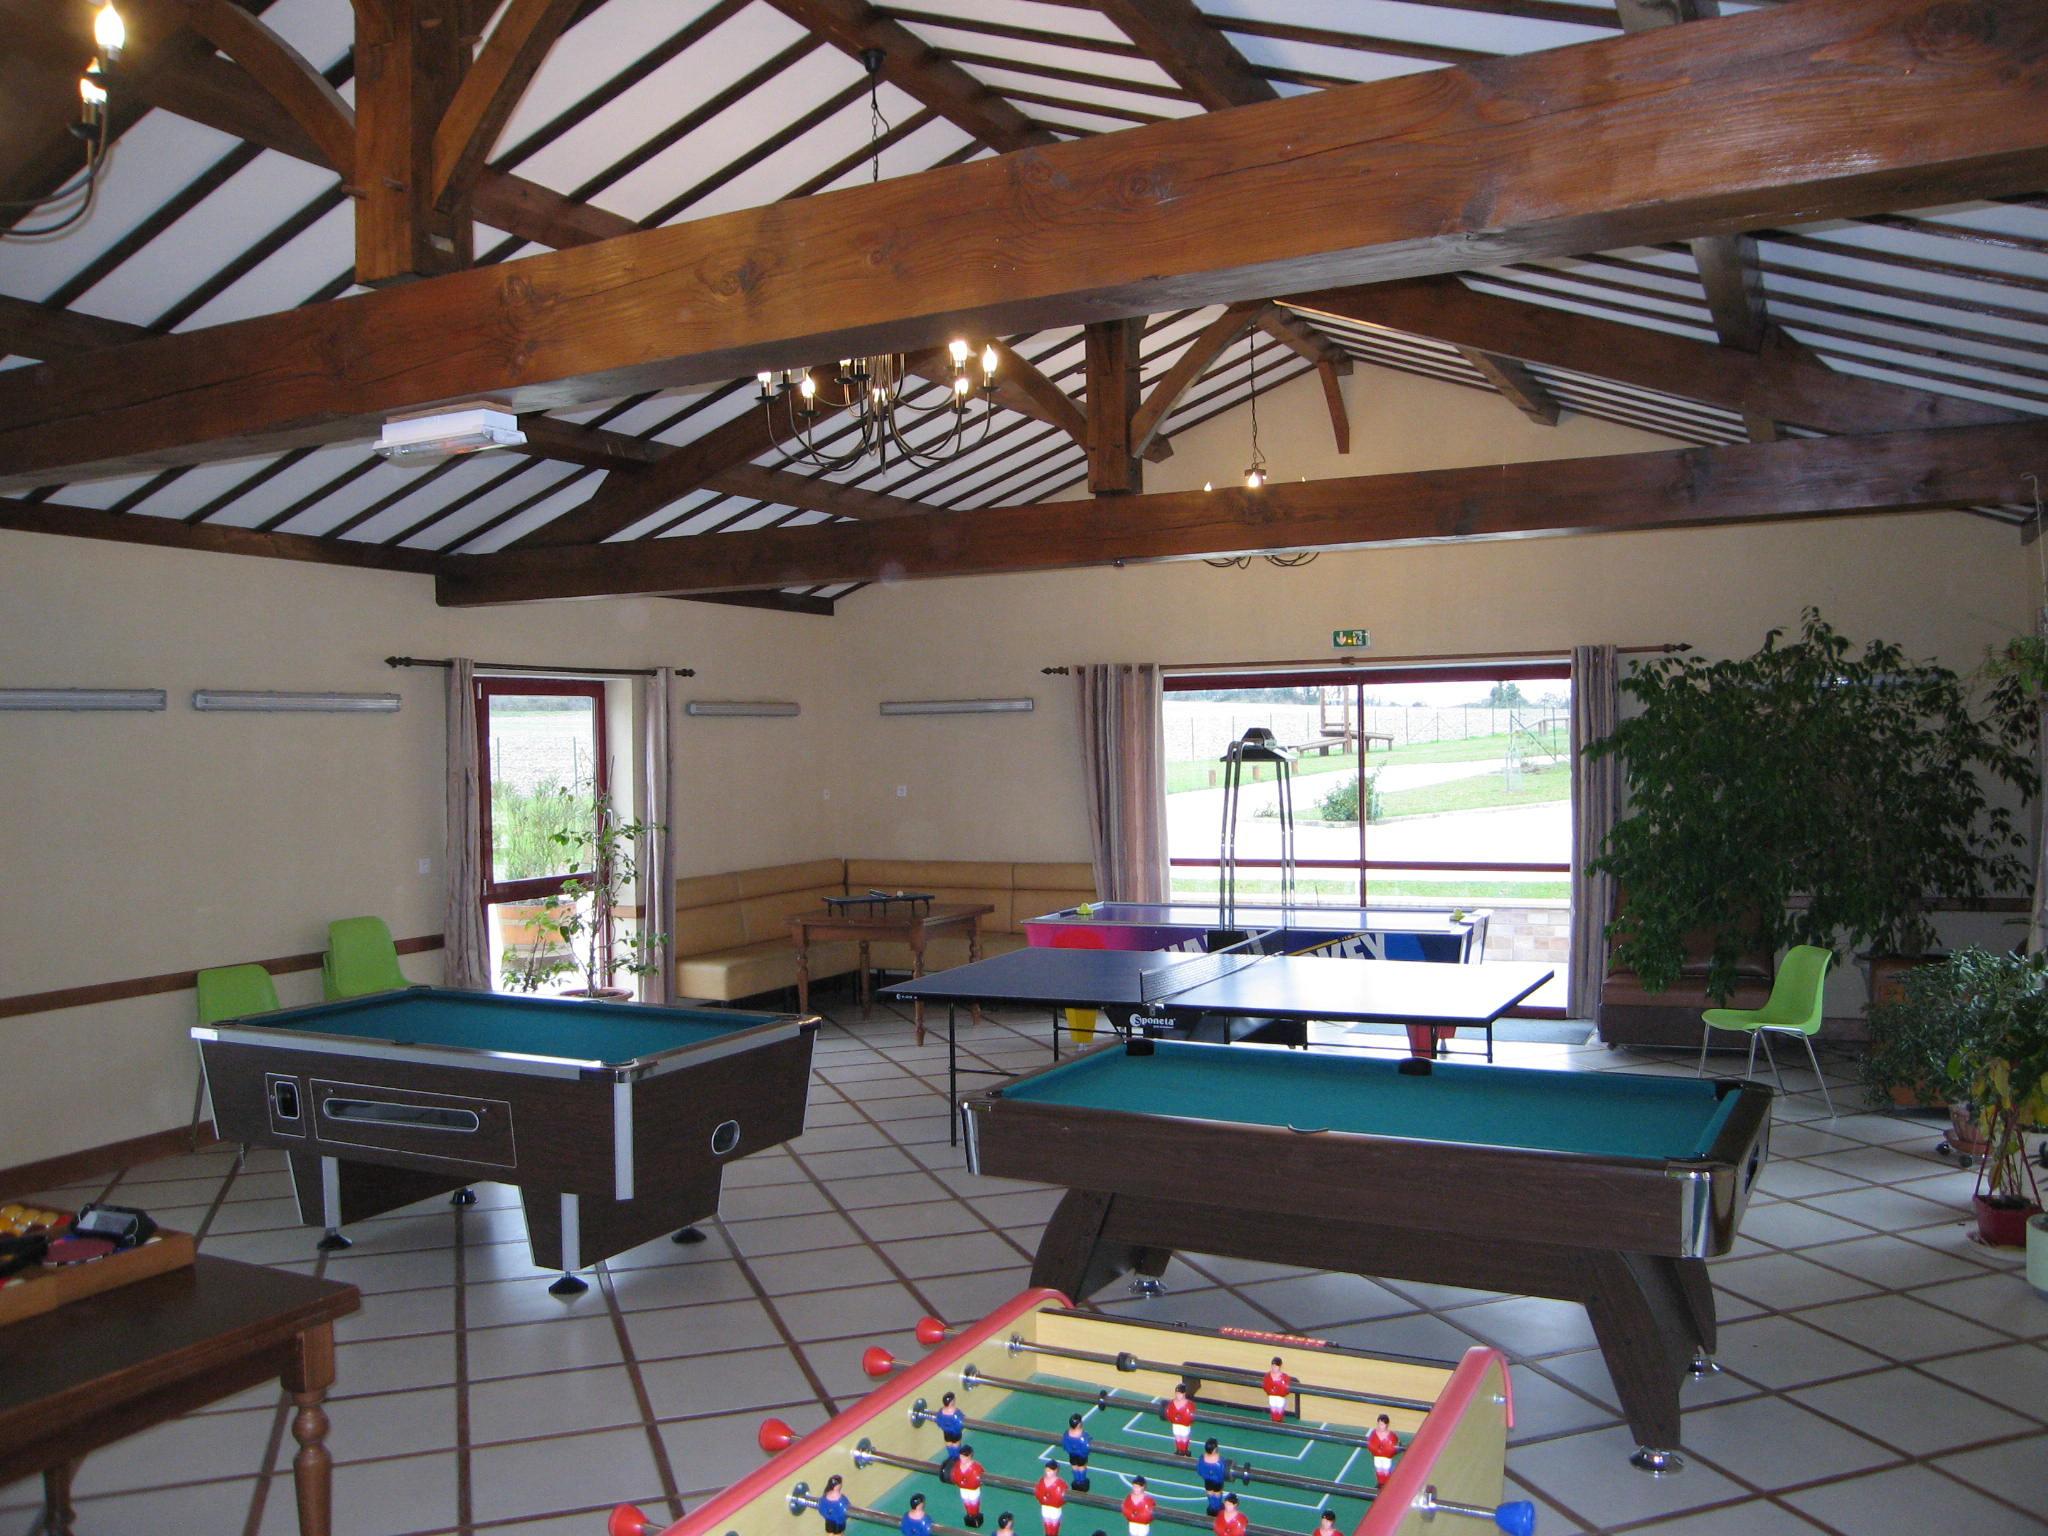 La salle de jeux à usage gratuit : air-hockey, baby-foot, billard russe, français et anglais, tennis de table.